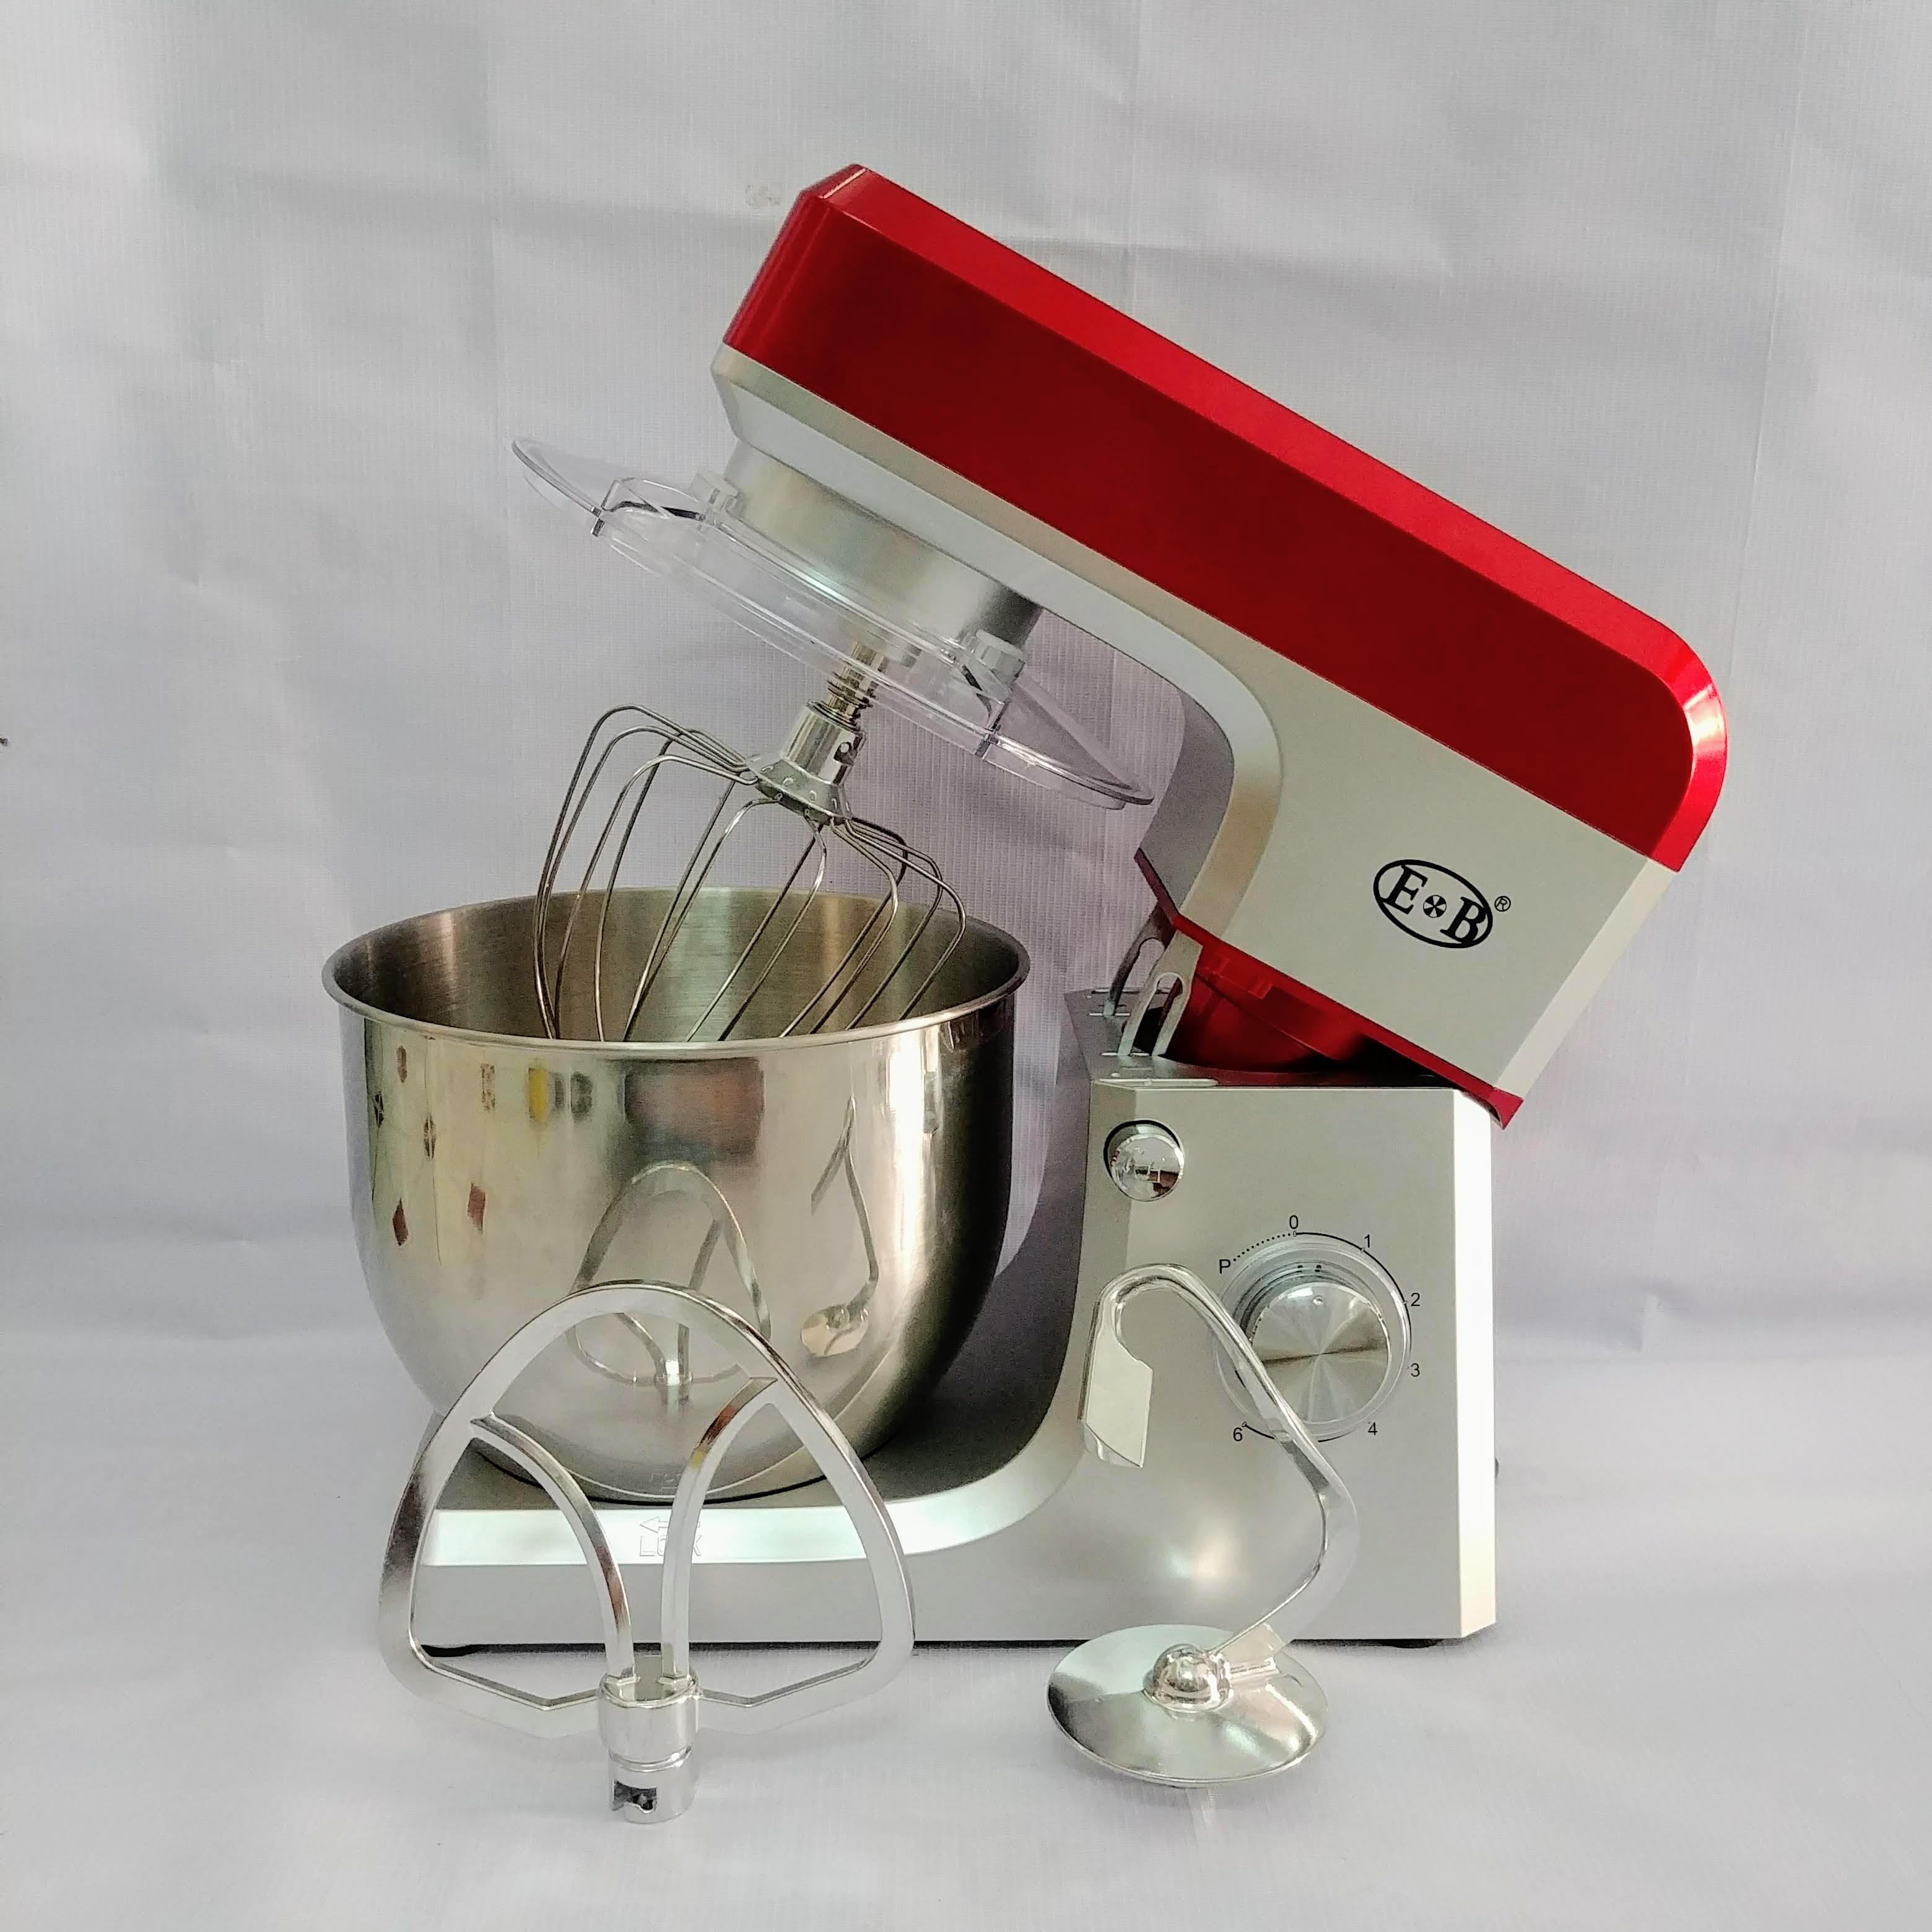 Máy đánh trứng, trộn bột công nghiệp EB1701 công suất 1500W, dung tích bồn 7 lit